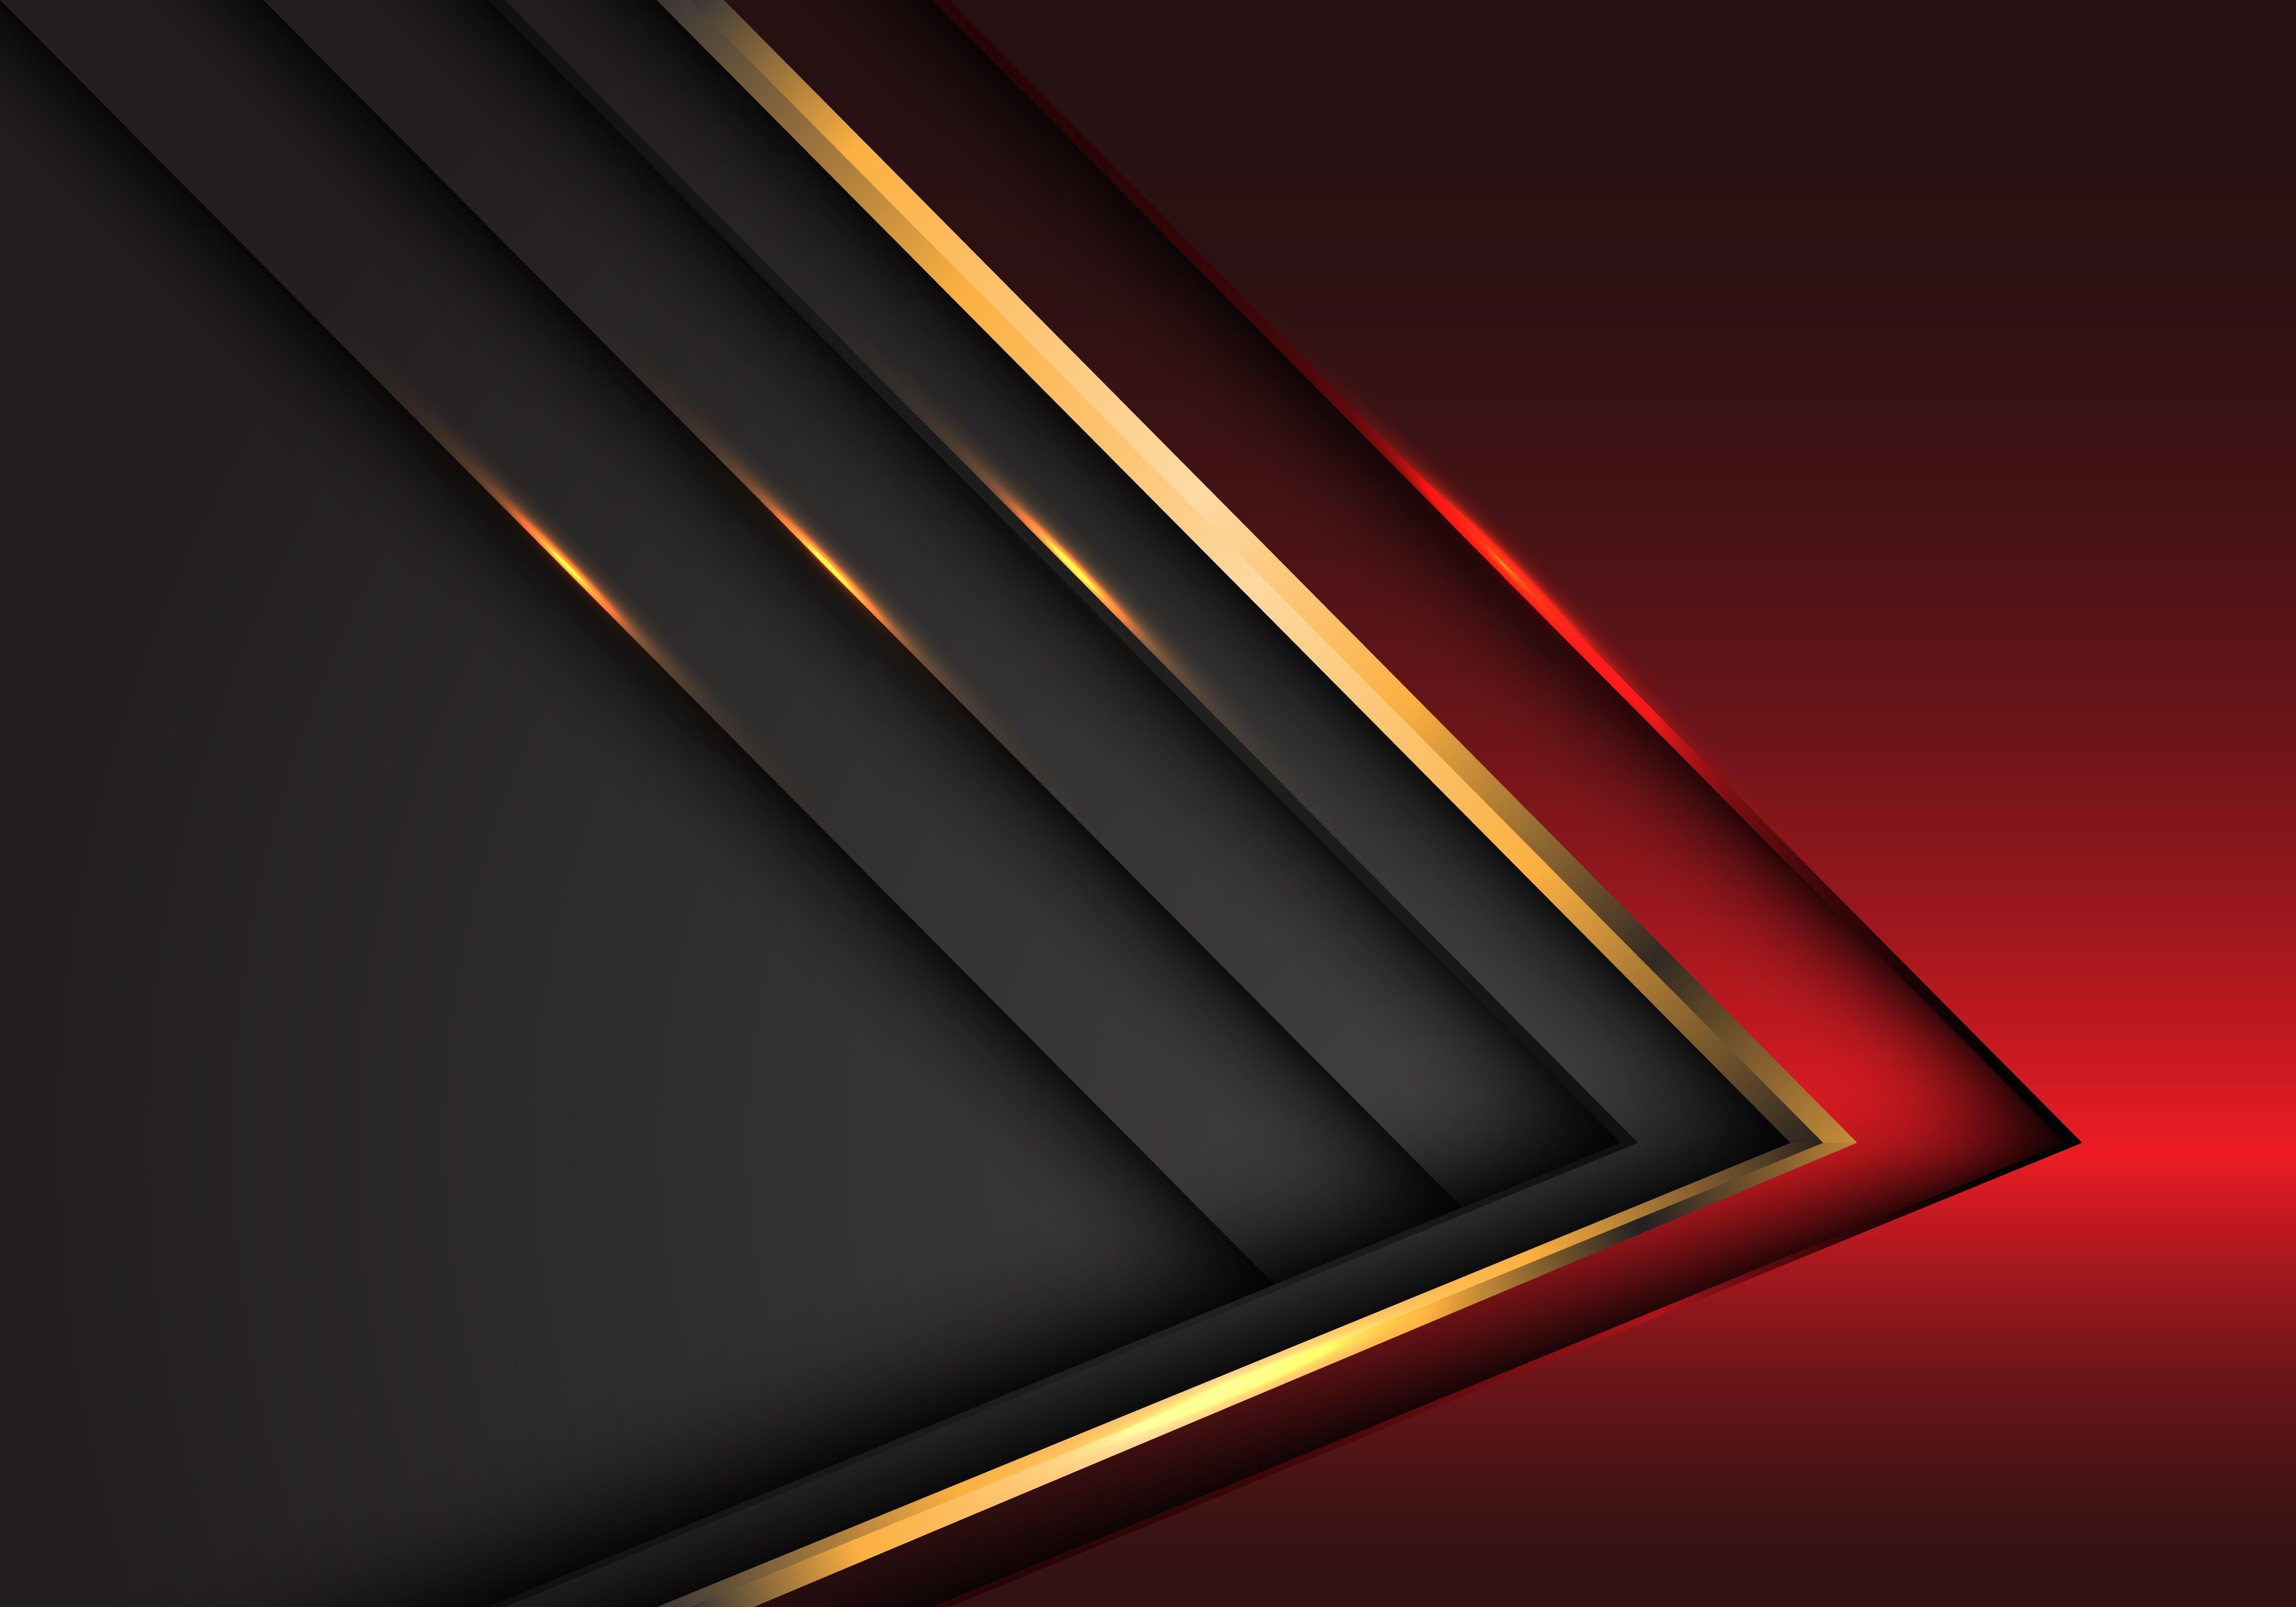 Line Red Grey Background Gold Background 5k Wallpaper Hdwallpaper Desktop In 2021 Black And Blue Wallpaper Hd Wallpaper Wallpaper